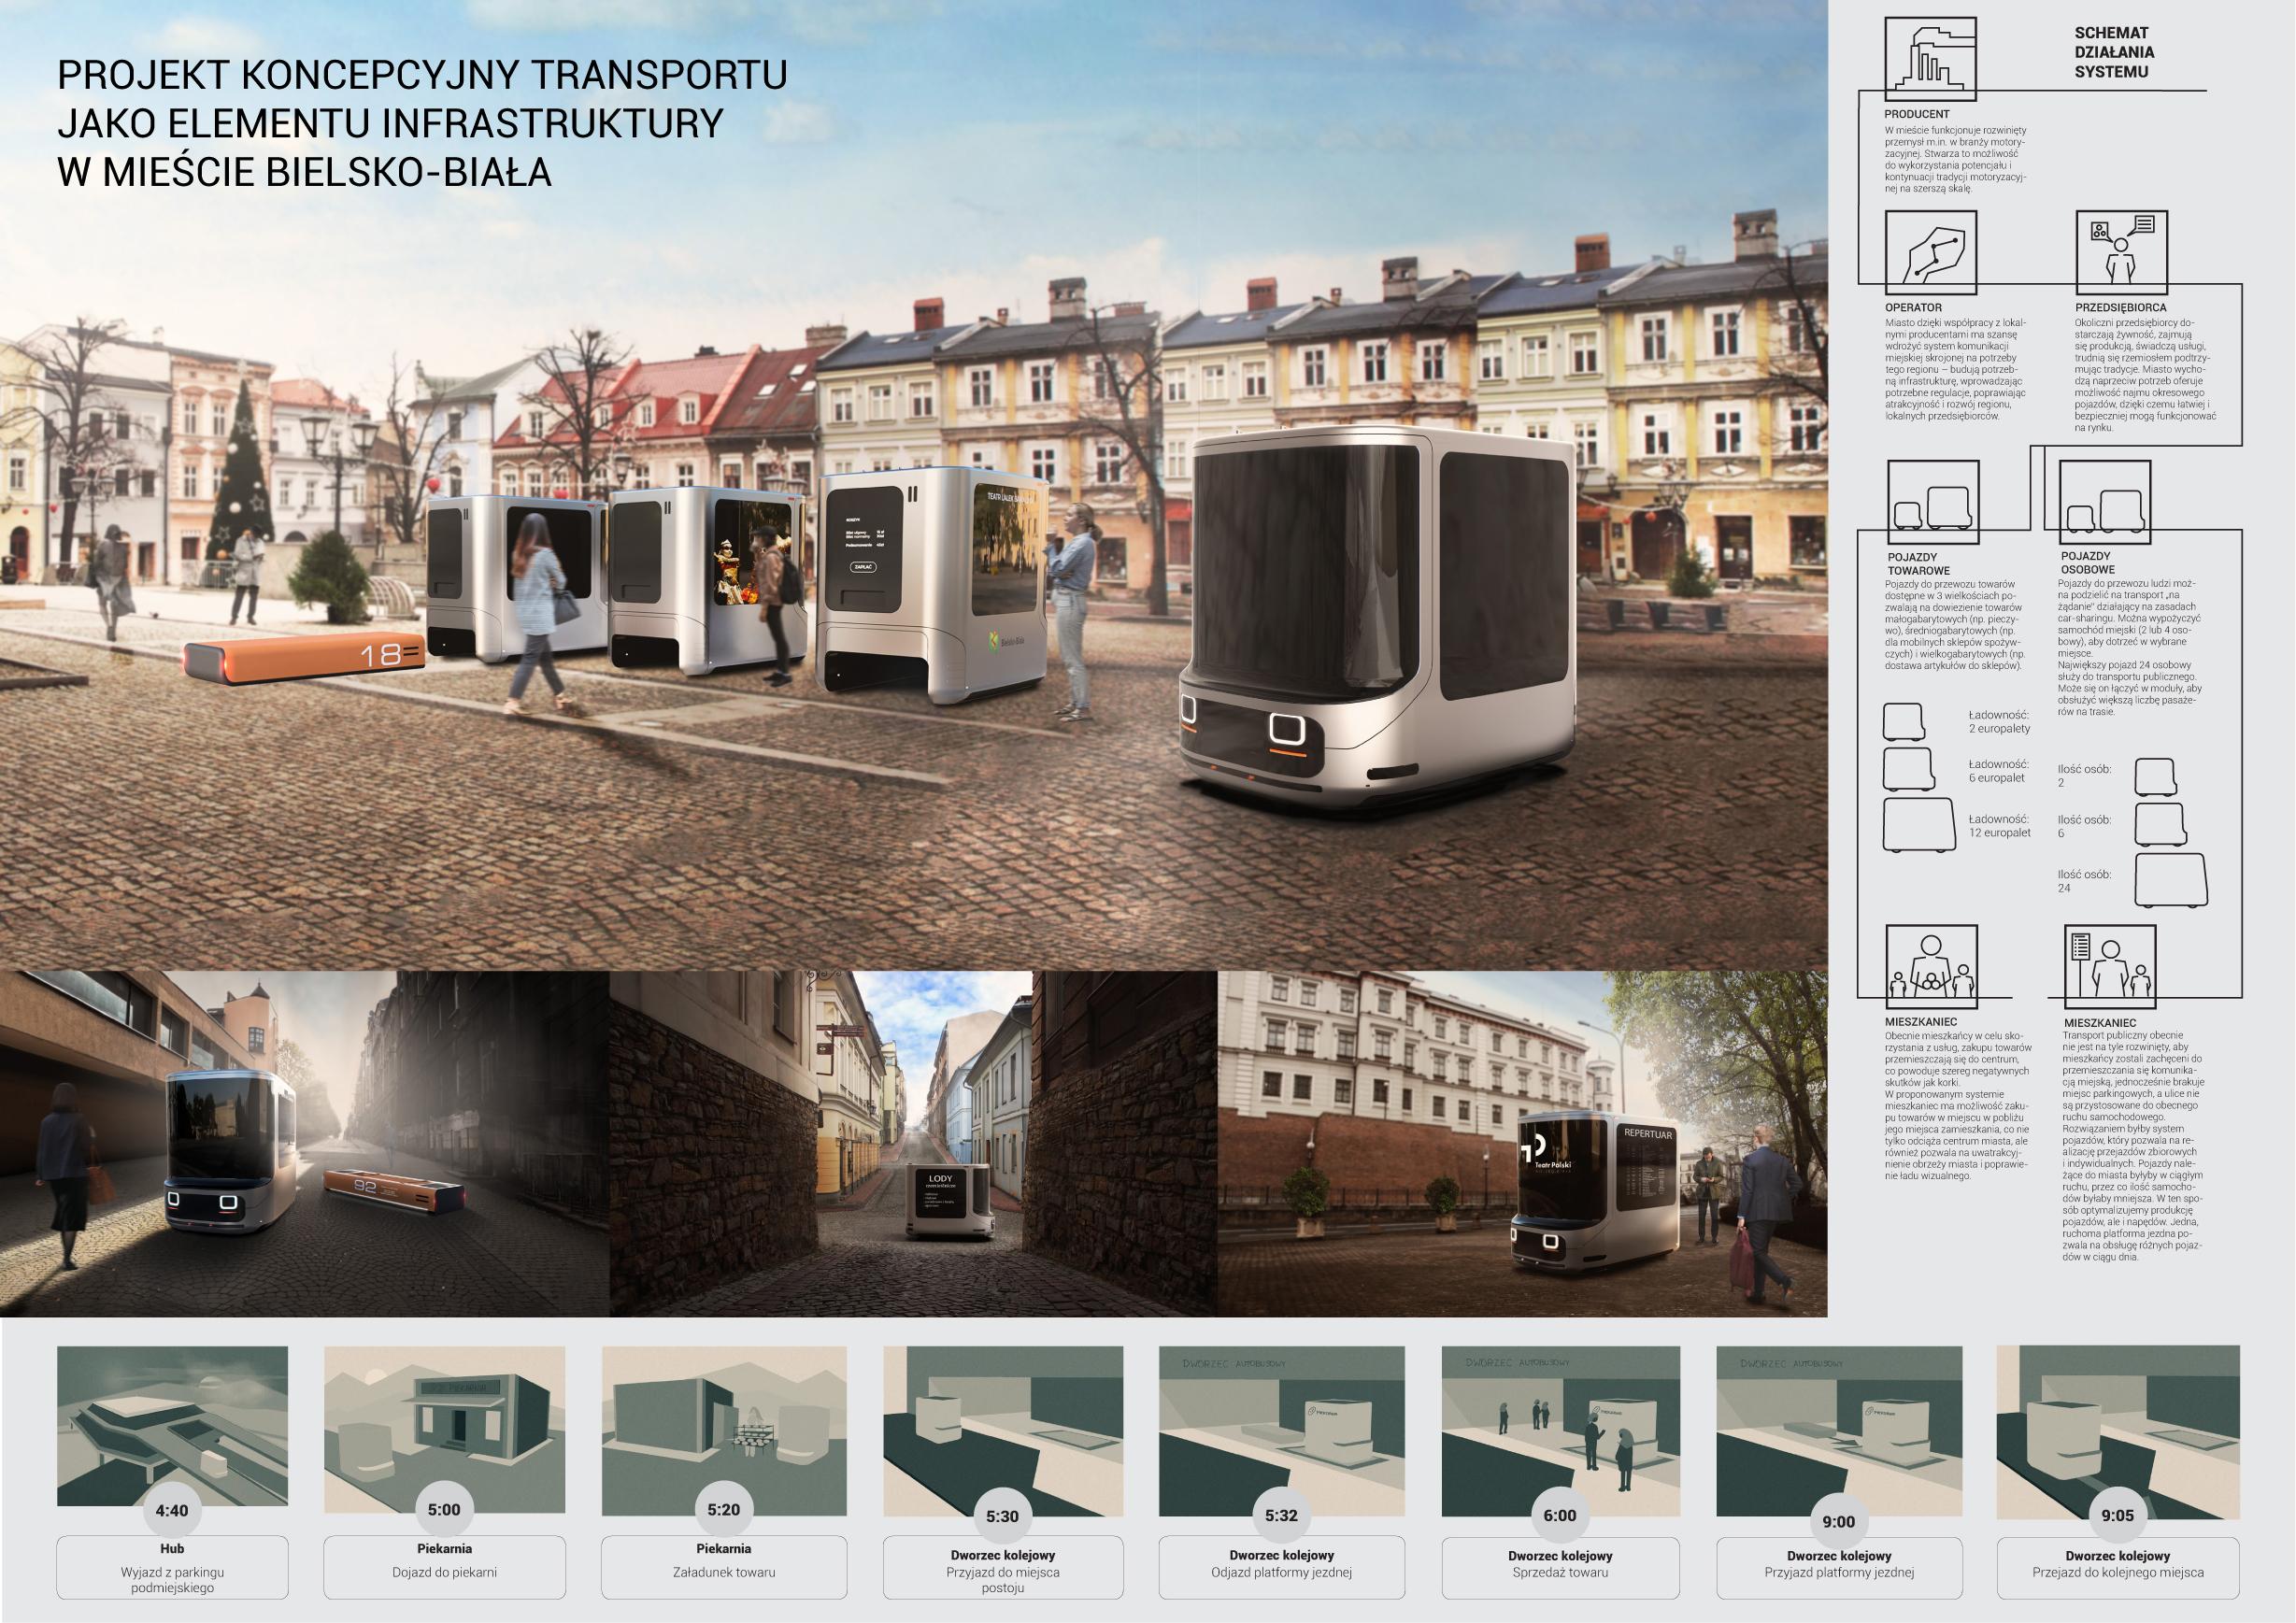 System pojazdów miejskich jako elementu infrastruktury w mieście Bielsko-Biała